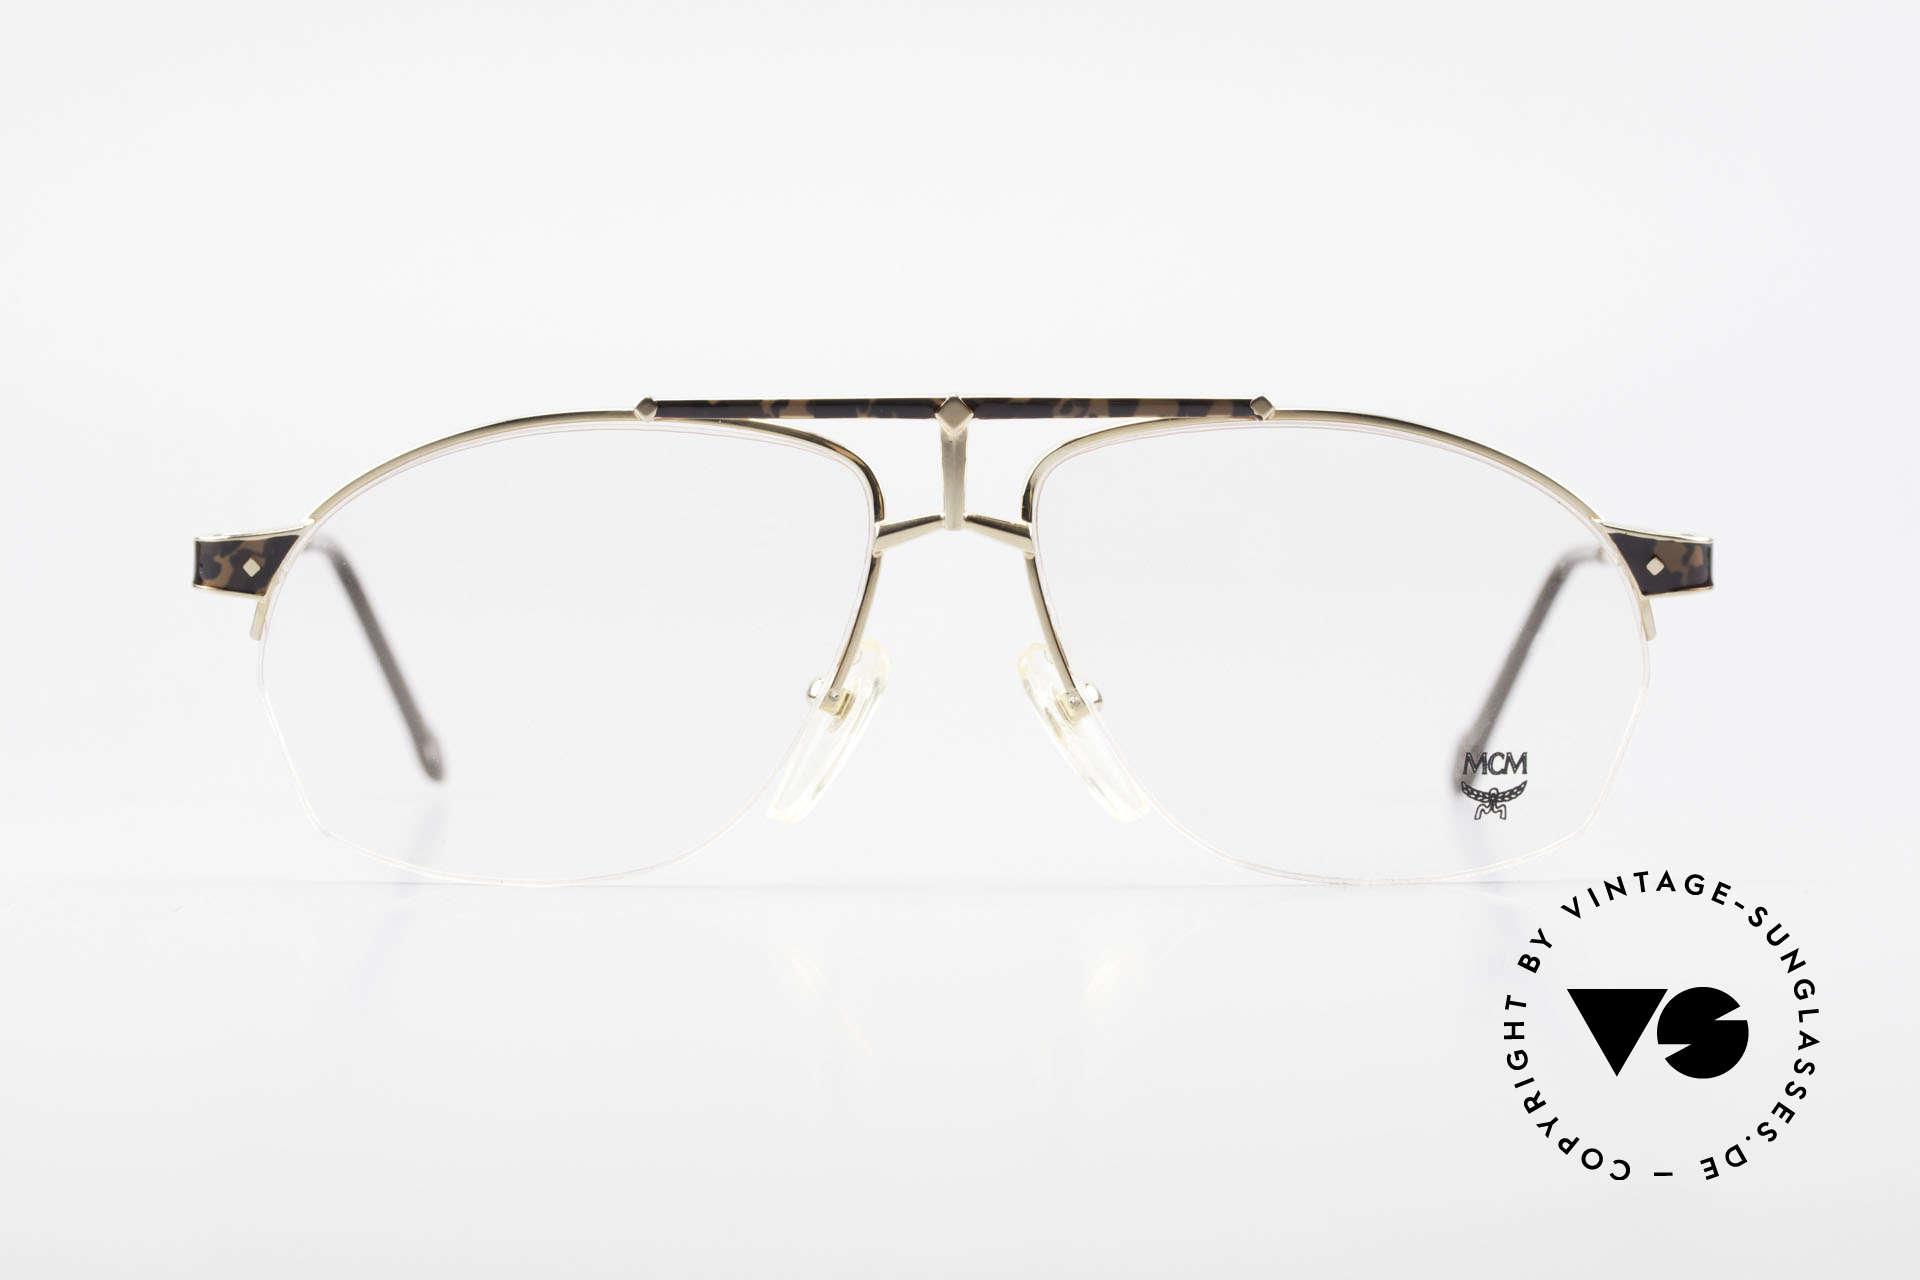 MCM München 10 Vergoldete Brille Wurzelholz, vergoldeter Rahmen mit Wurzelholz-Applikation, Passend für Herren